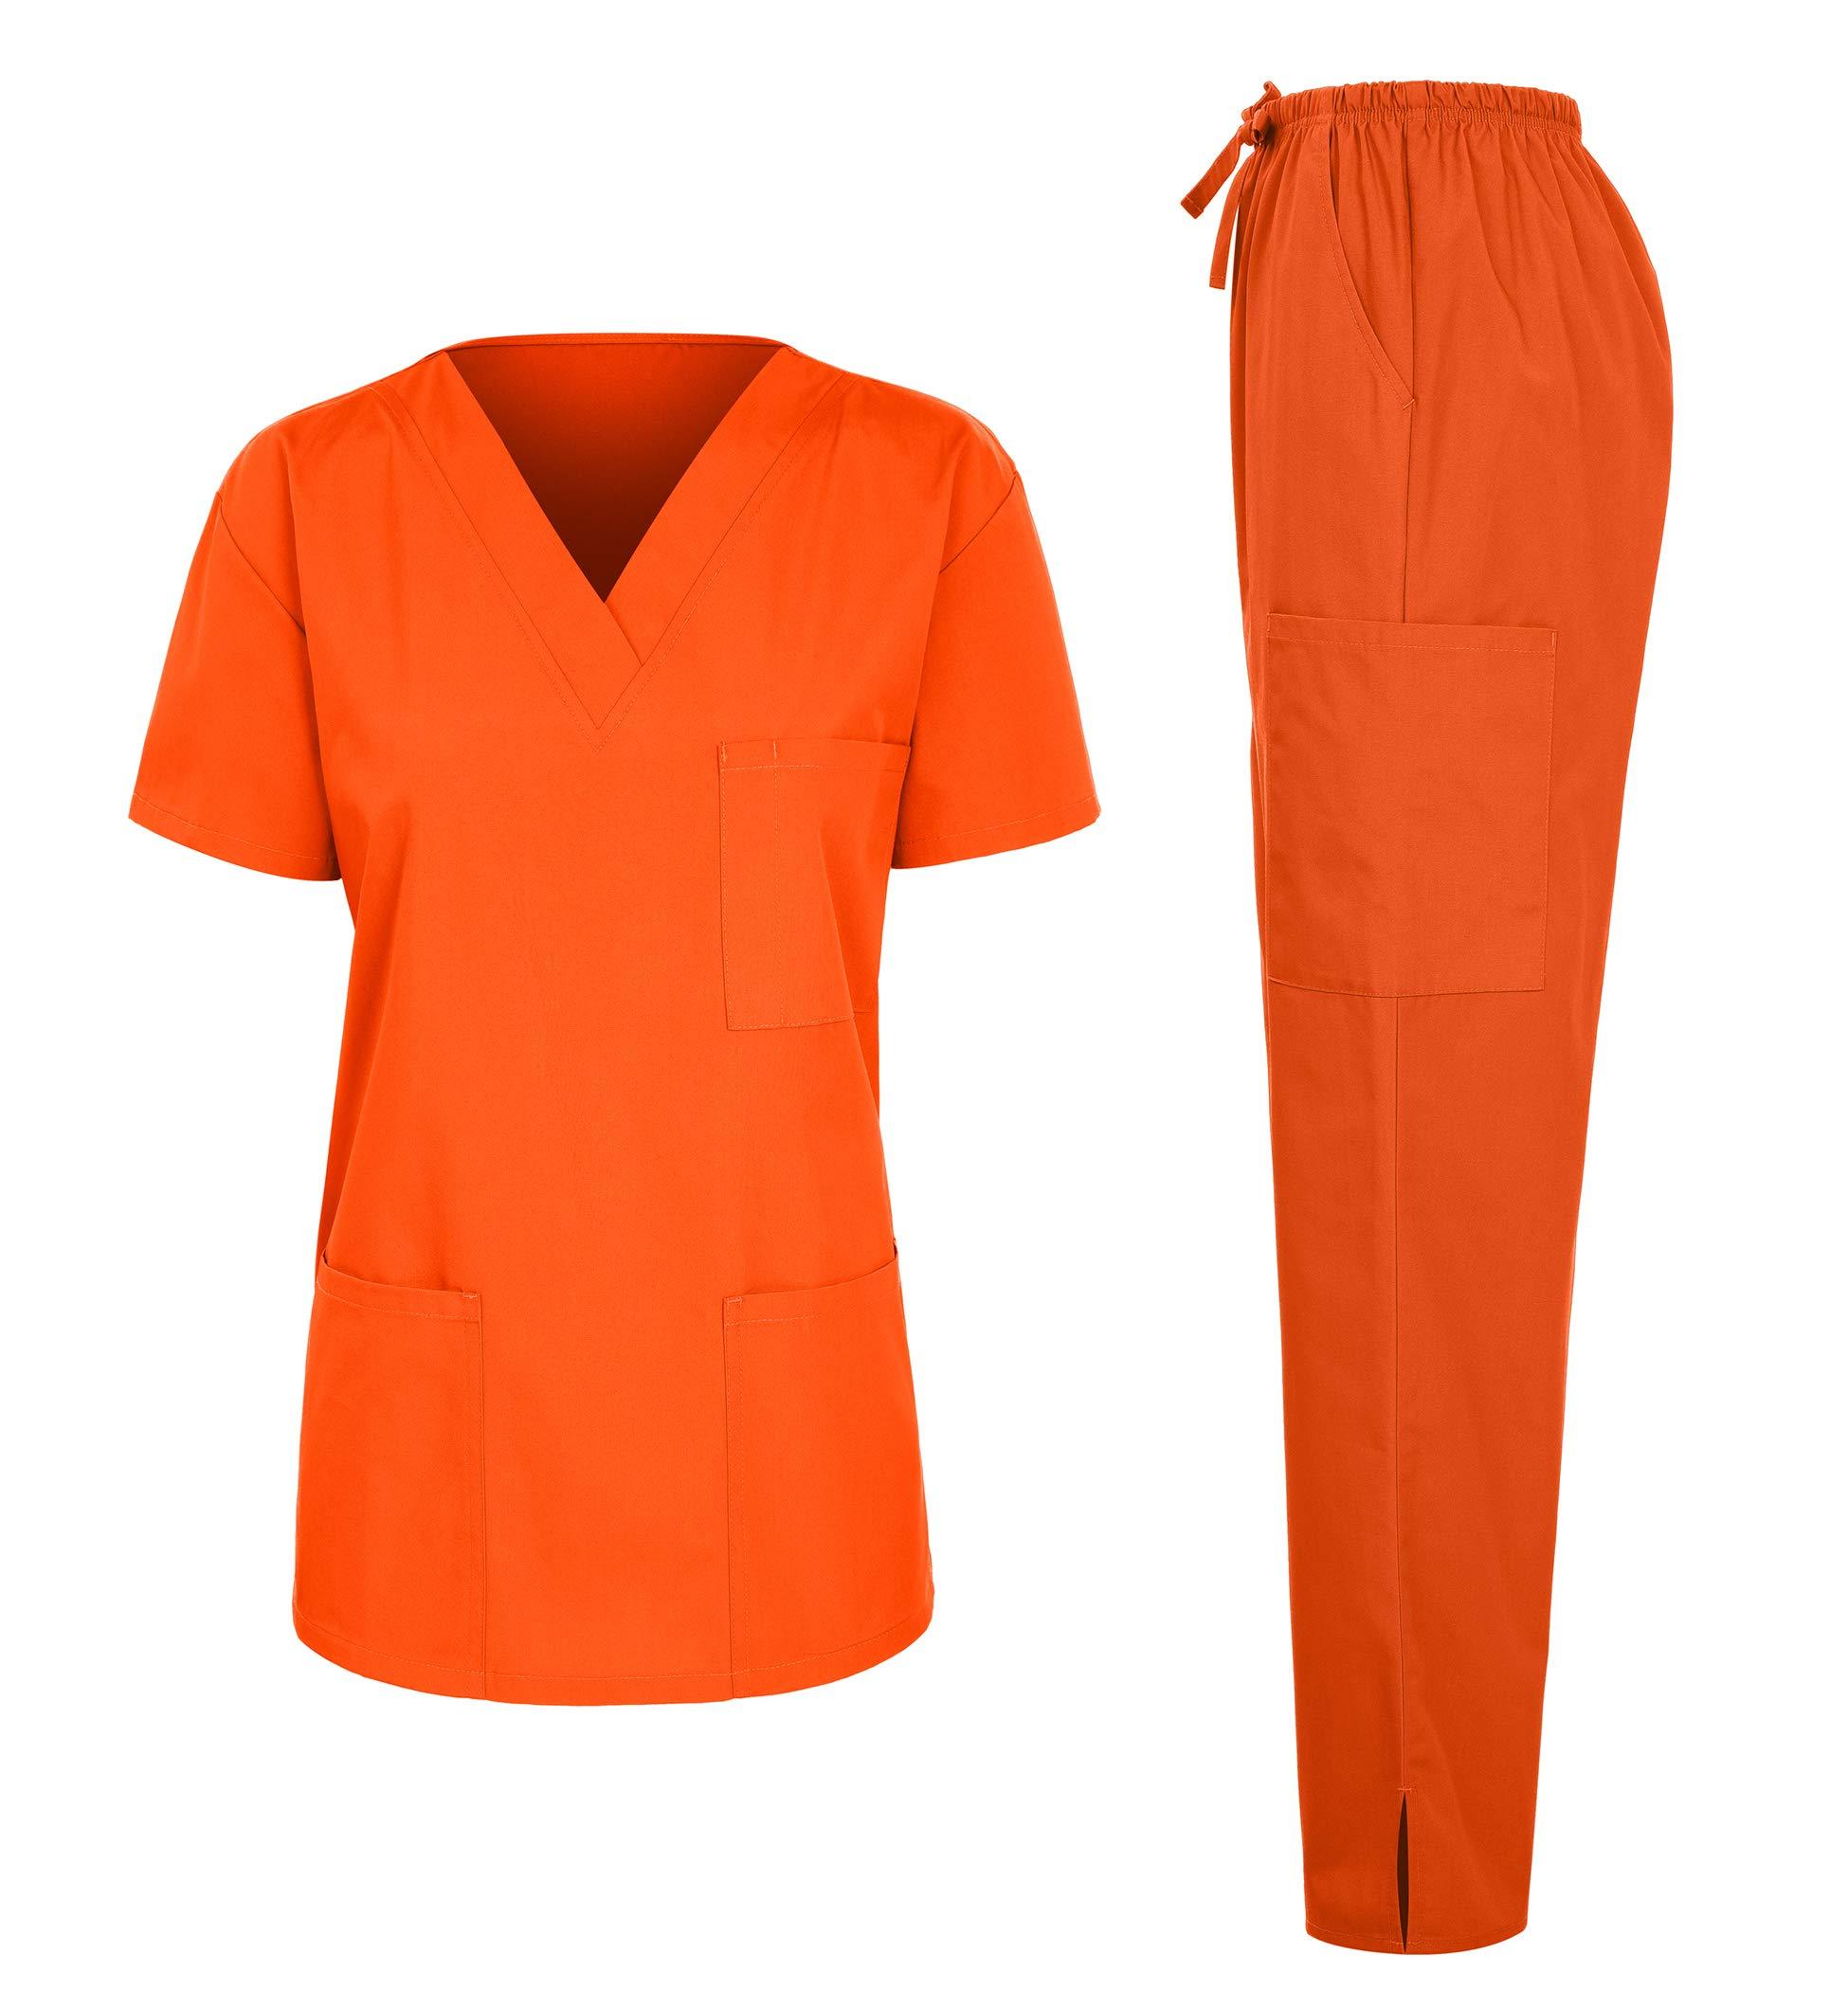 7047 Women's Medical Scrubs Set (V-Neck Top+Drawstring Pant) Orange Medium